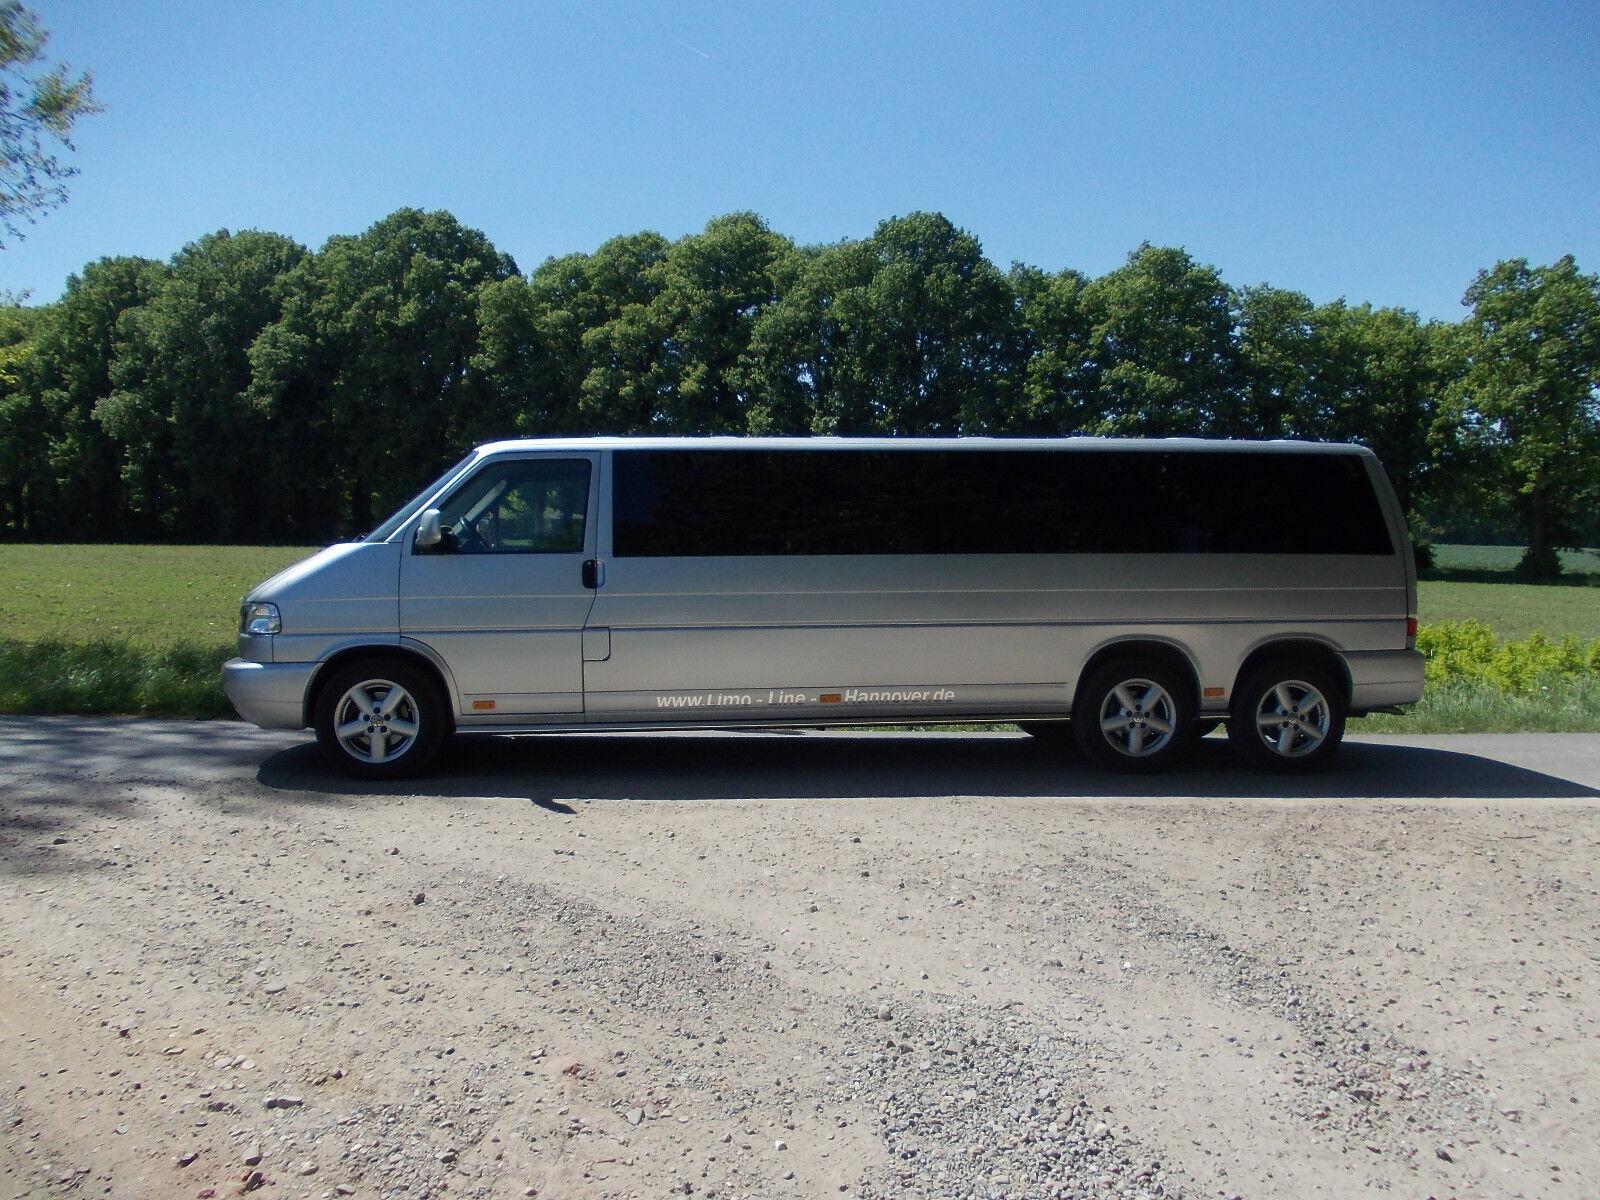 VW T4 Stretchlimousine Limousine VIP Limo VW Bus mit 3 Achsen Shuttlebus